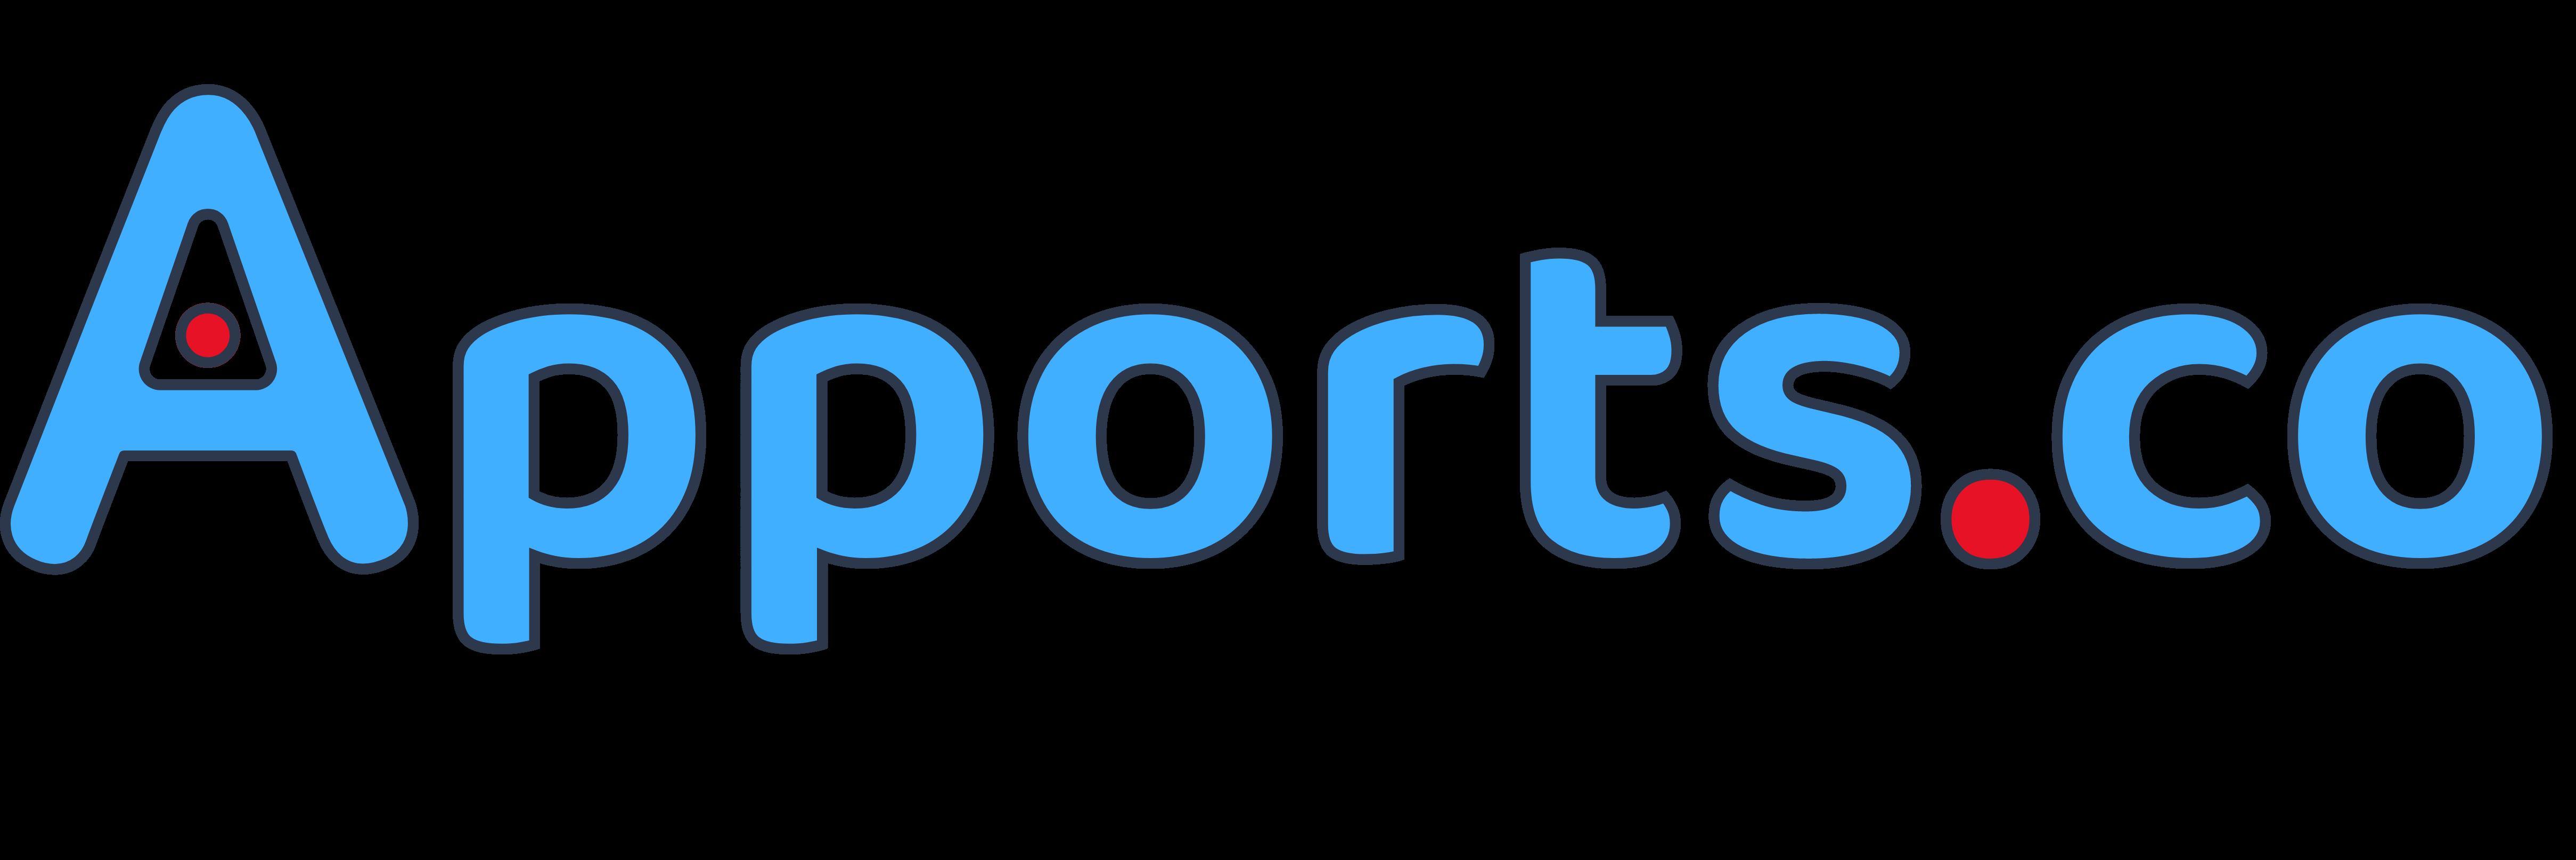 Apports.co : logo écrit